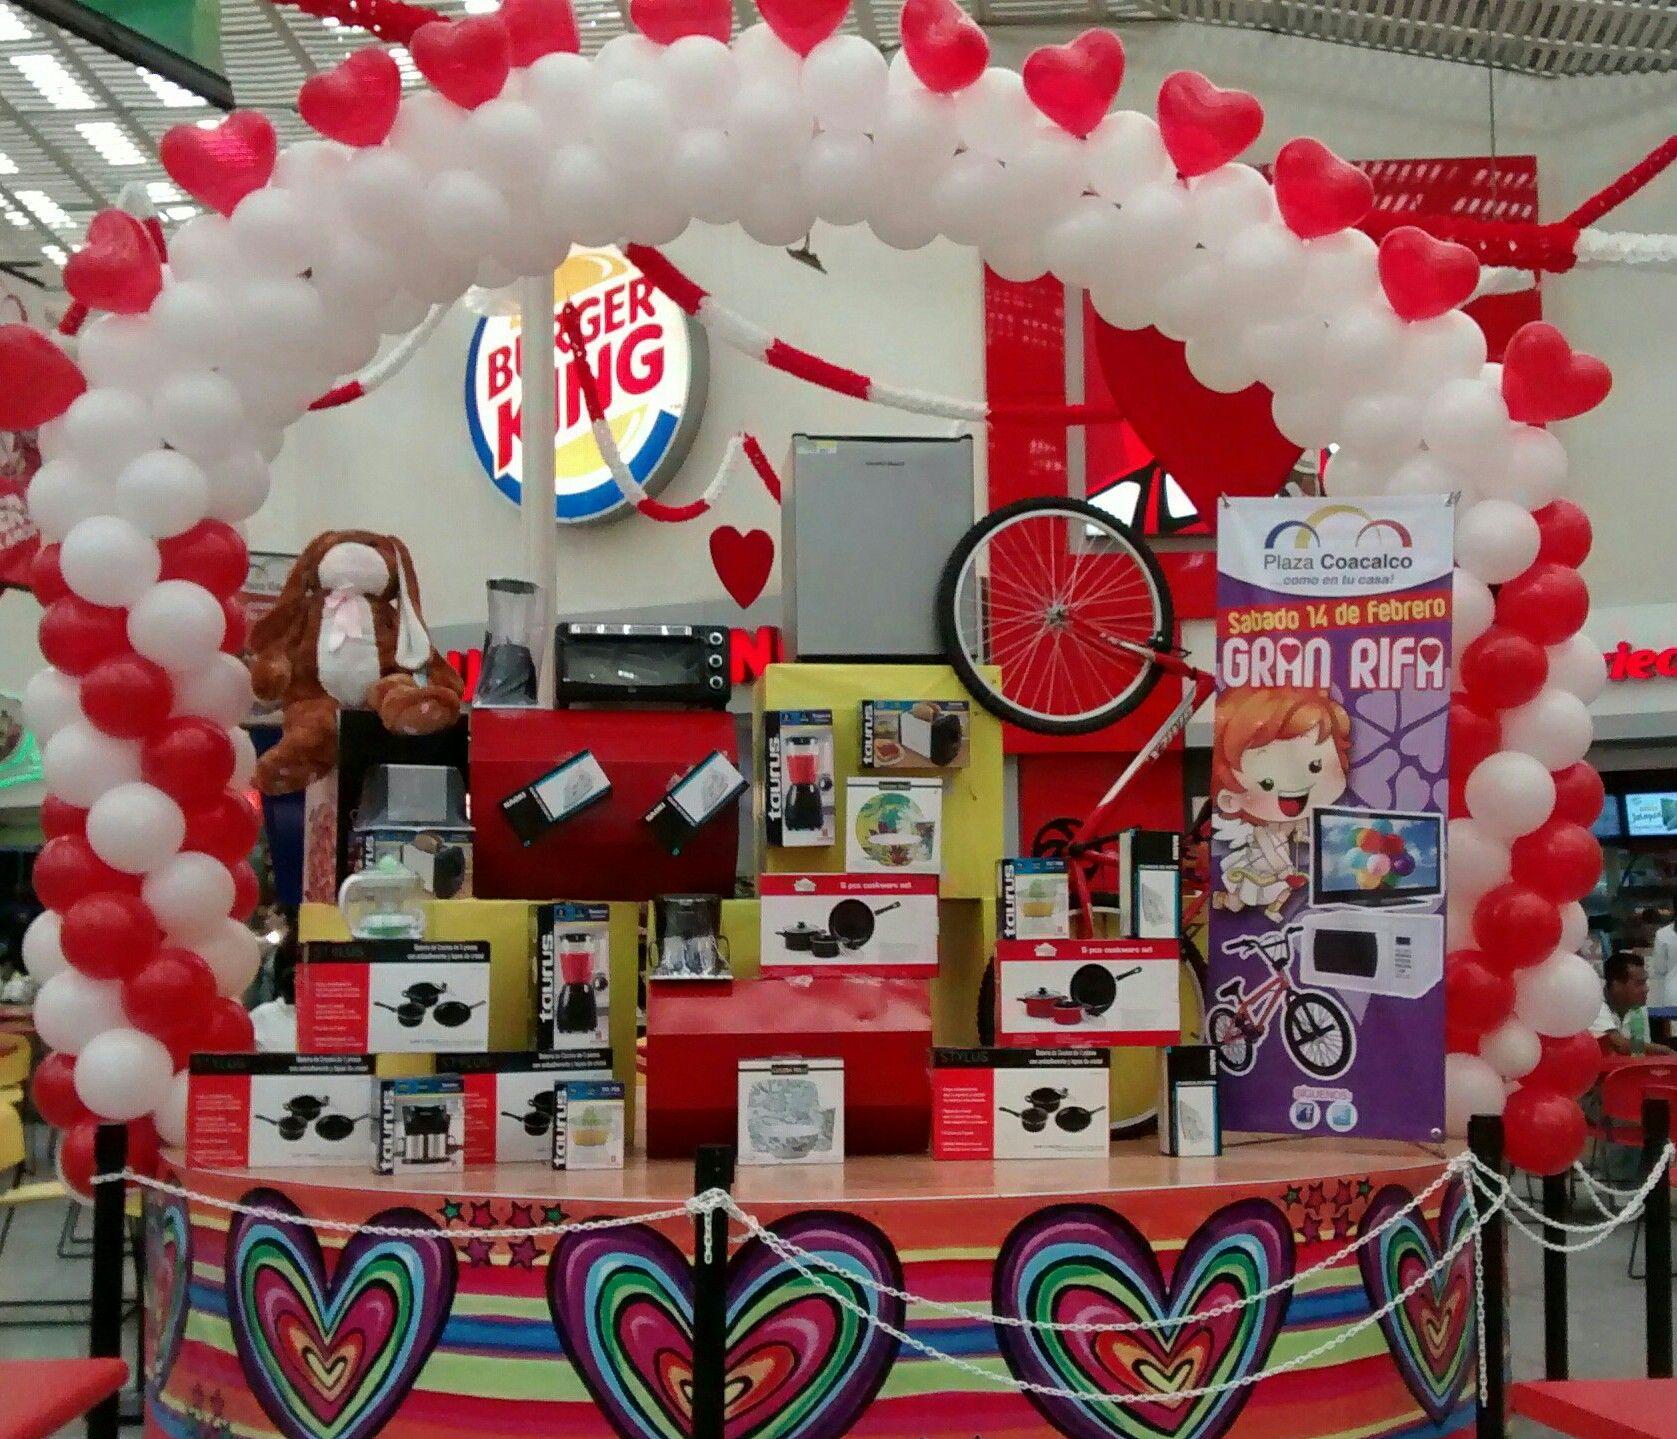 Decoraci n de premios con globos amor y amistad 14 de for Decoracion amor y amistad oficina